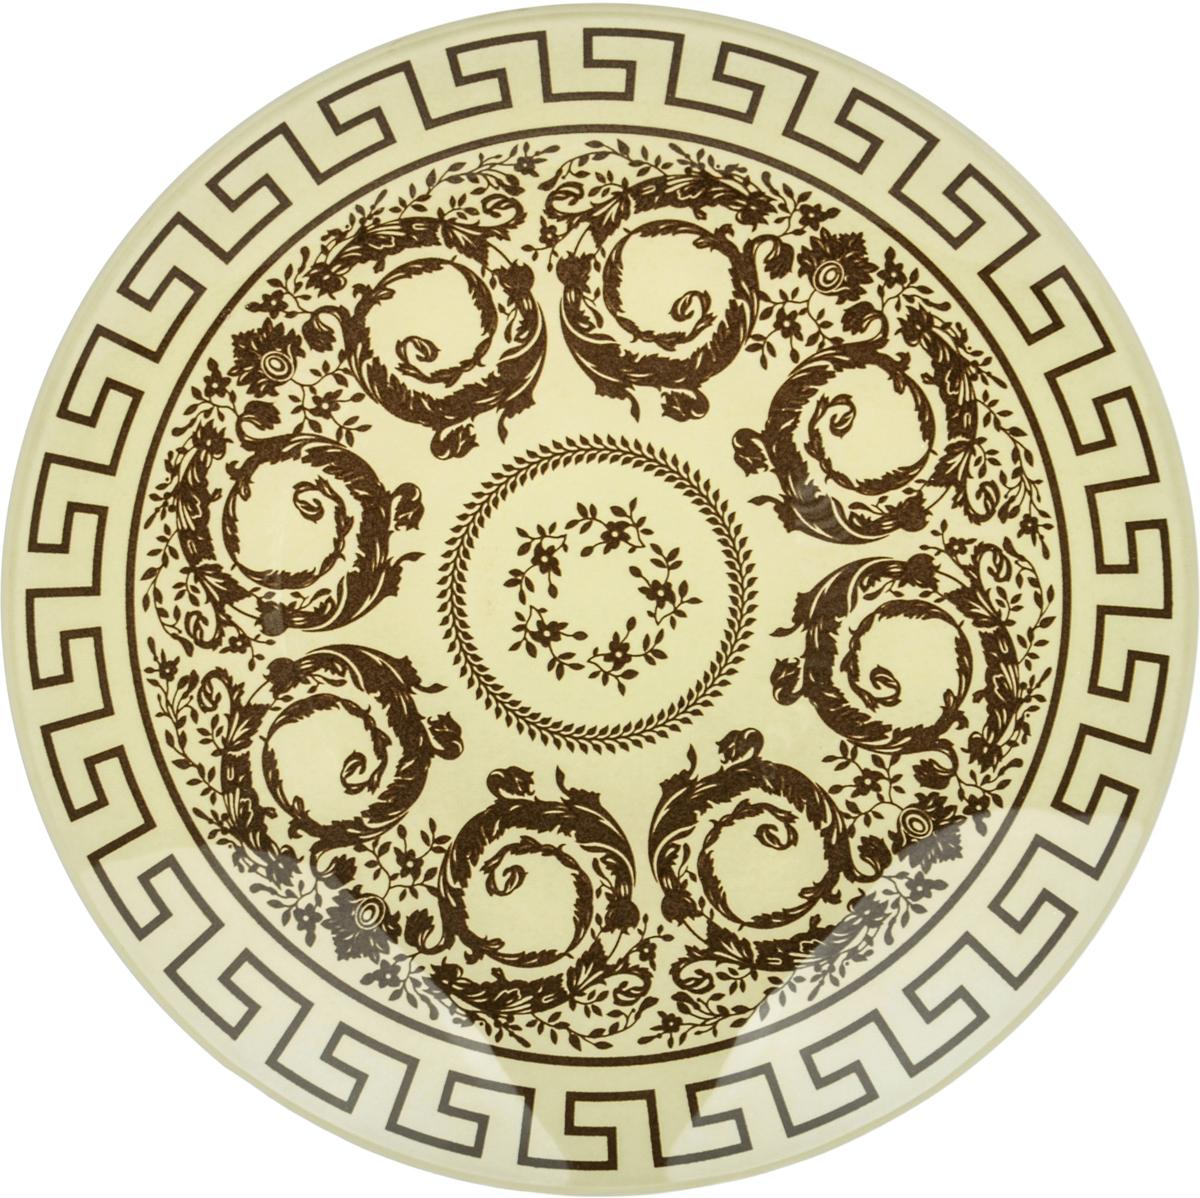 Тарелка Nina Glass Стиль, цвет: коричневый, диаметр 14 см салатник nina glass ажур цвет сиреневый диаметр 16 см